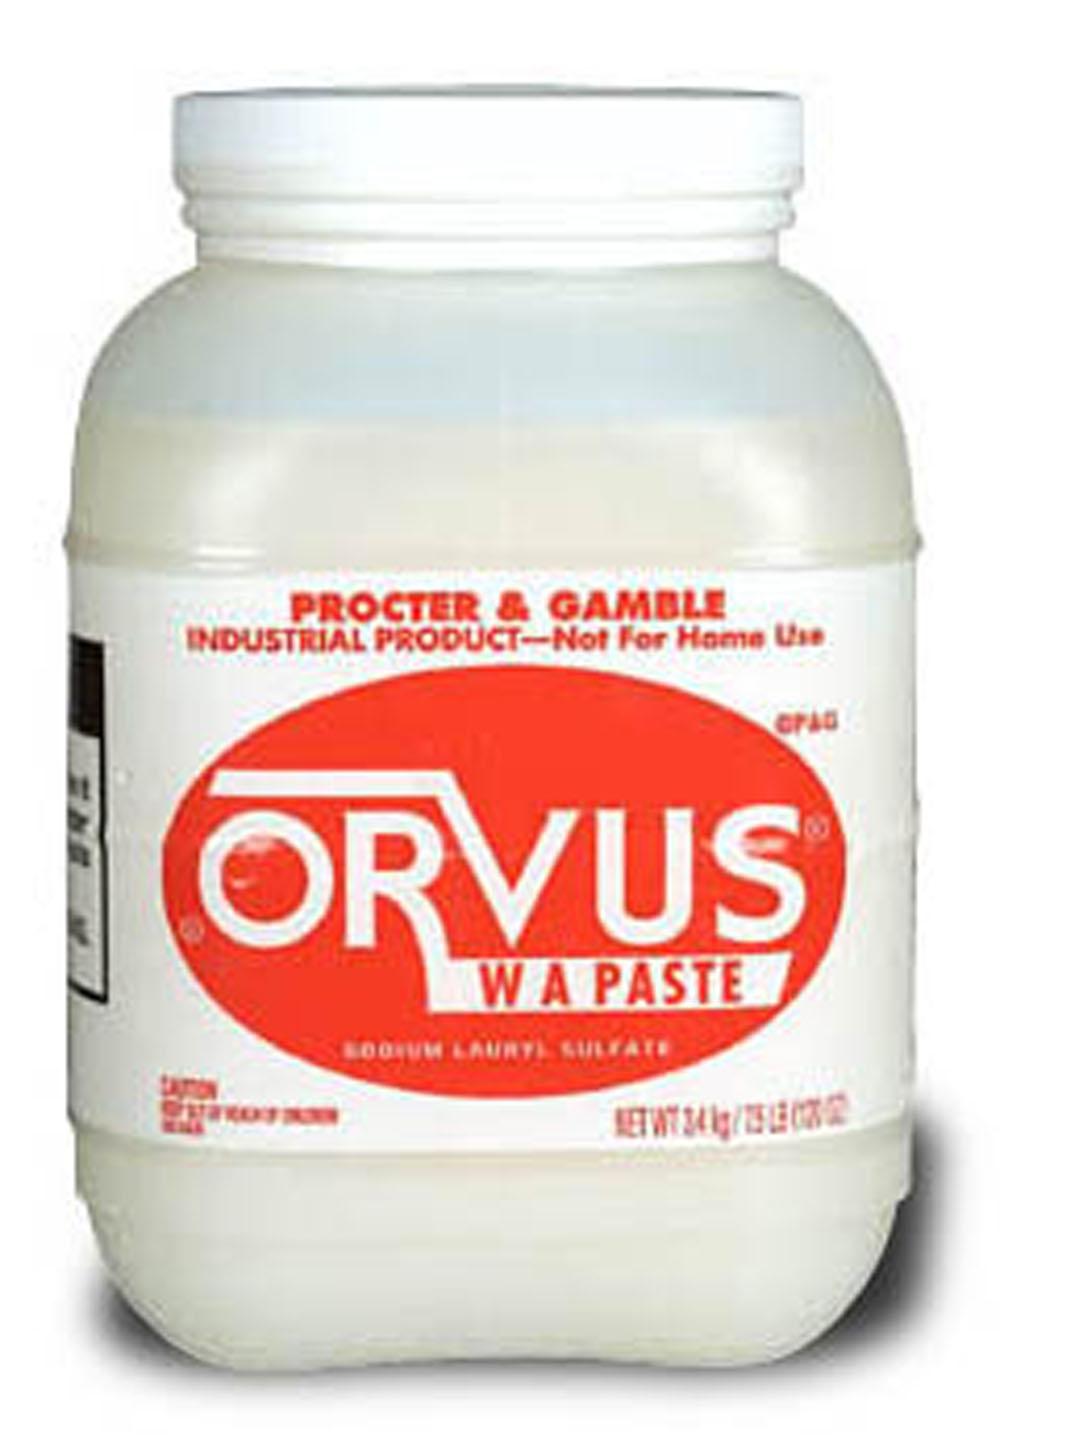 Orvus W A Paste